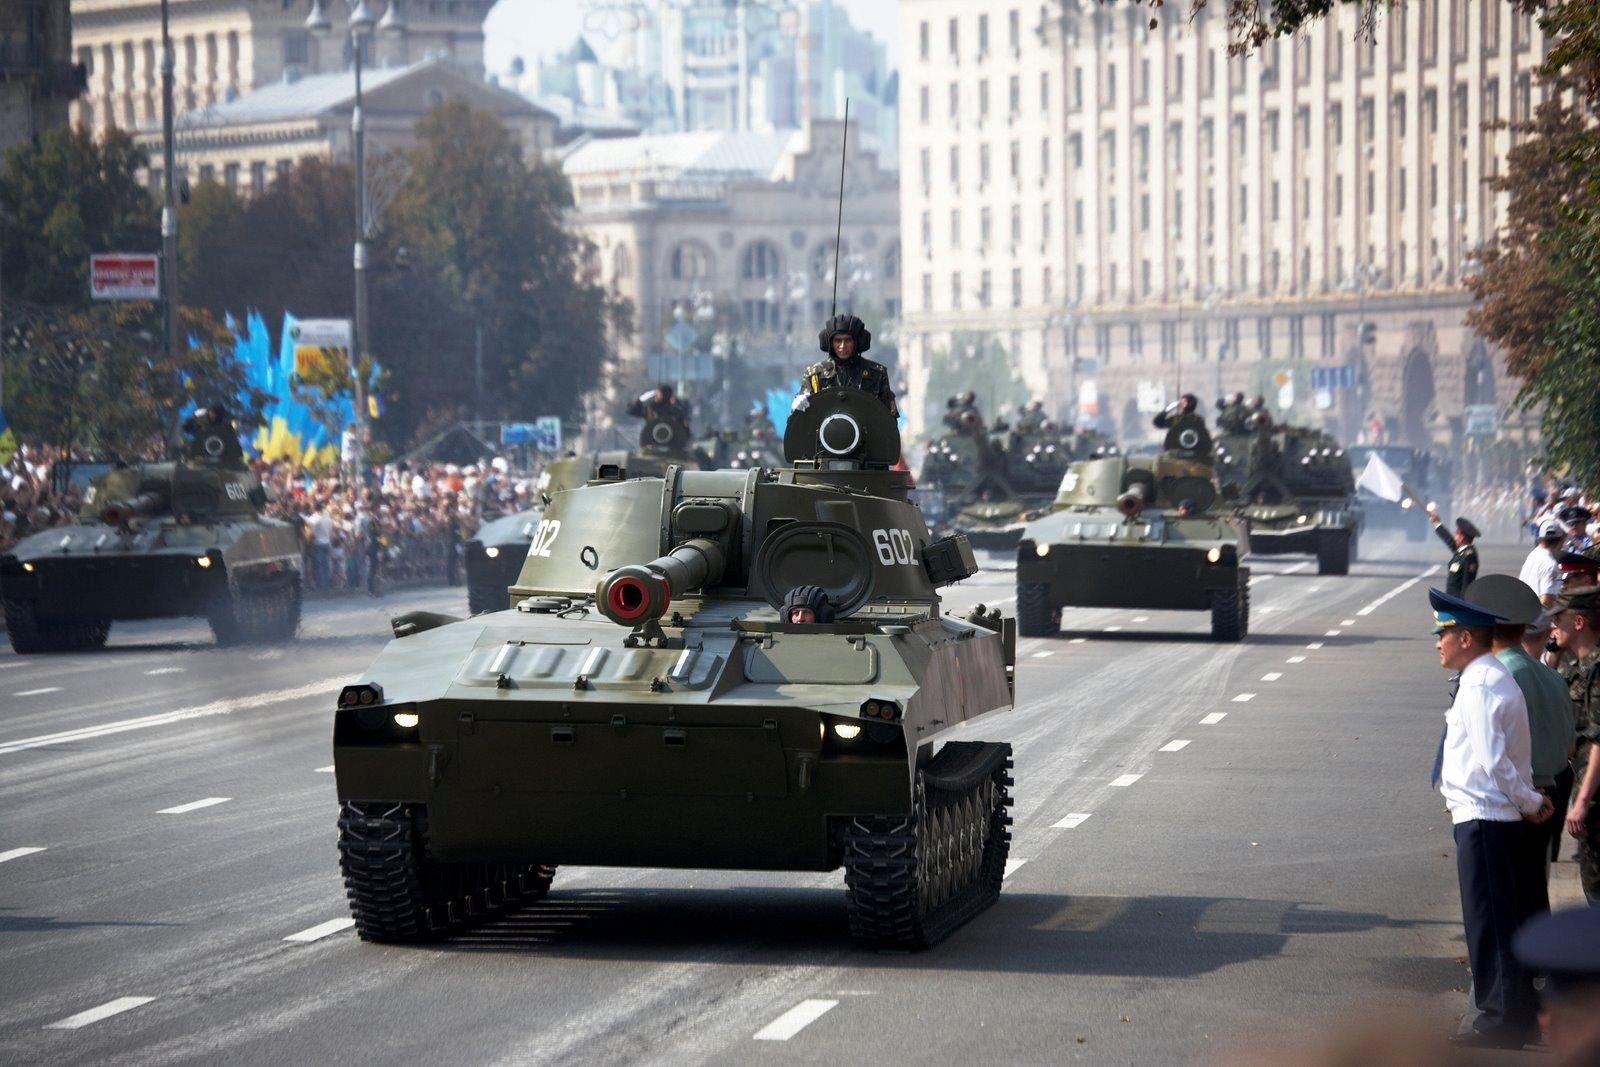 День Вооружённых сил Украины. Украины, армии, Украина, армия, армий, украинской, наиболее, одной, друзья, Европы, ядерным, сейчас, которая, оружием, конце, оружия, востоке, время, также, Украину